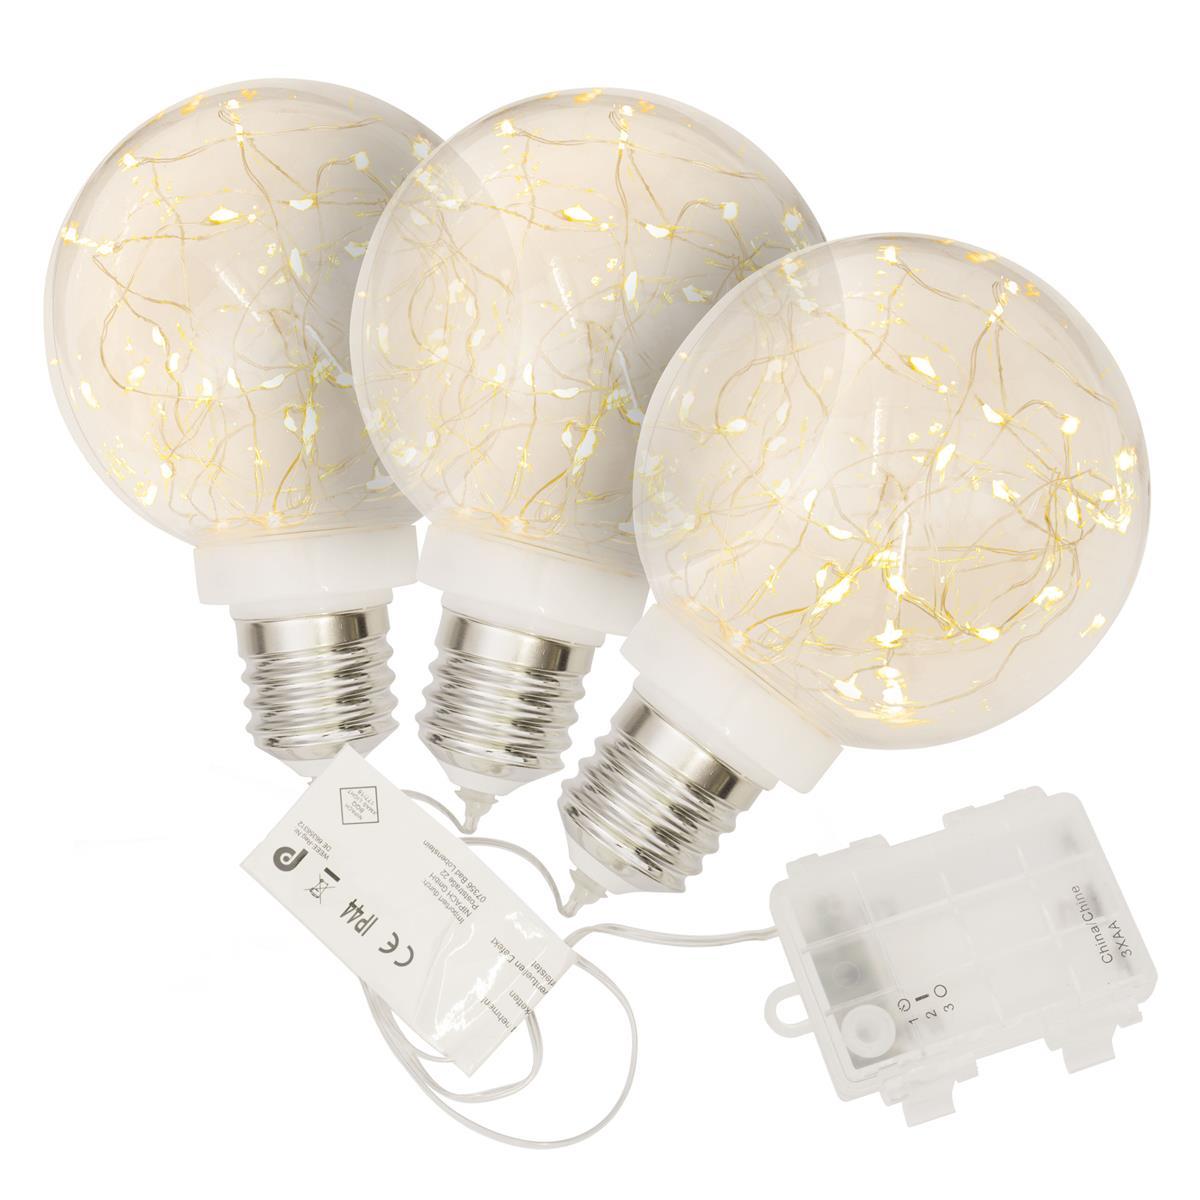 3er Set Dekokugel Glühbirne 30 LED warm weiß 12 cm Lichterkugel Batterie Timer